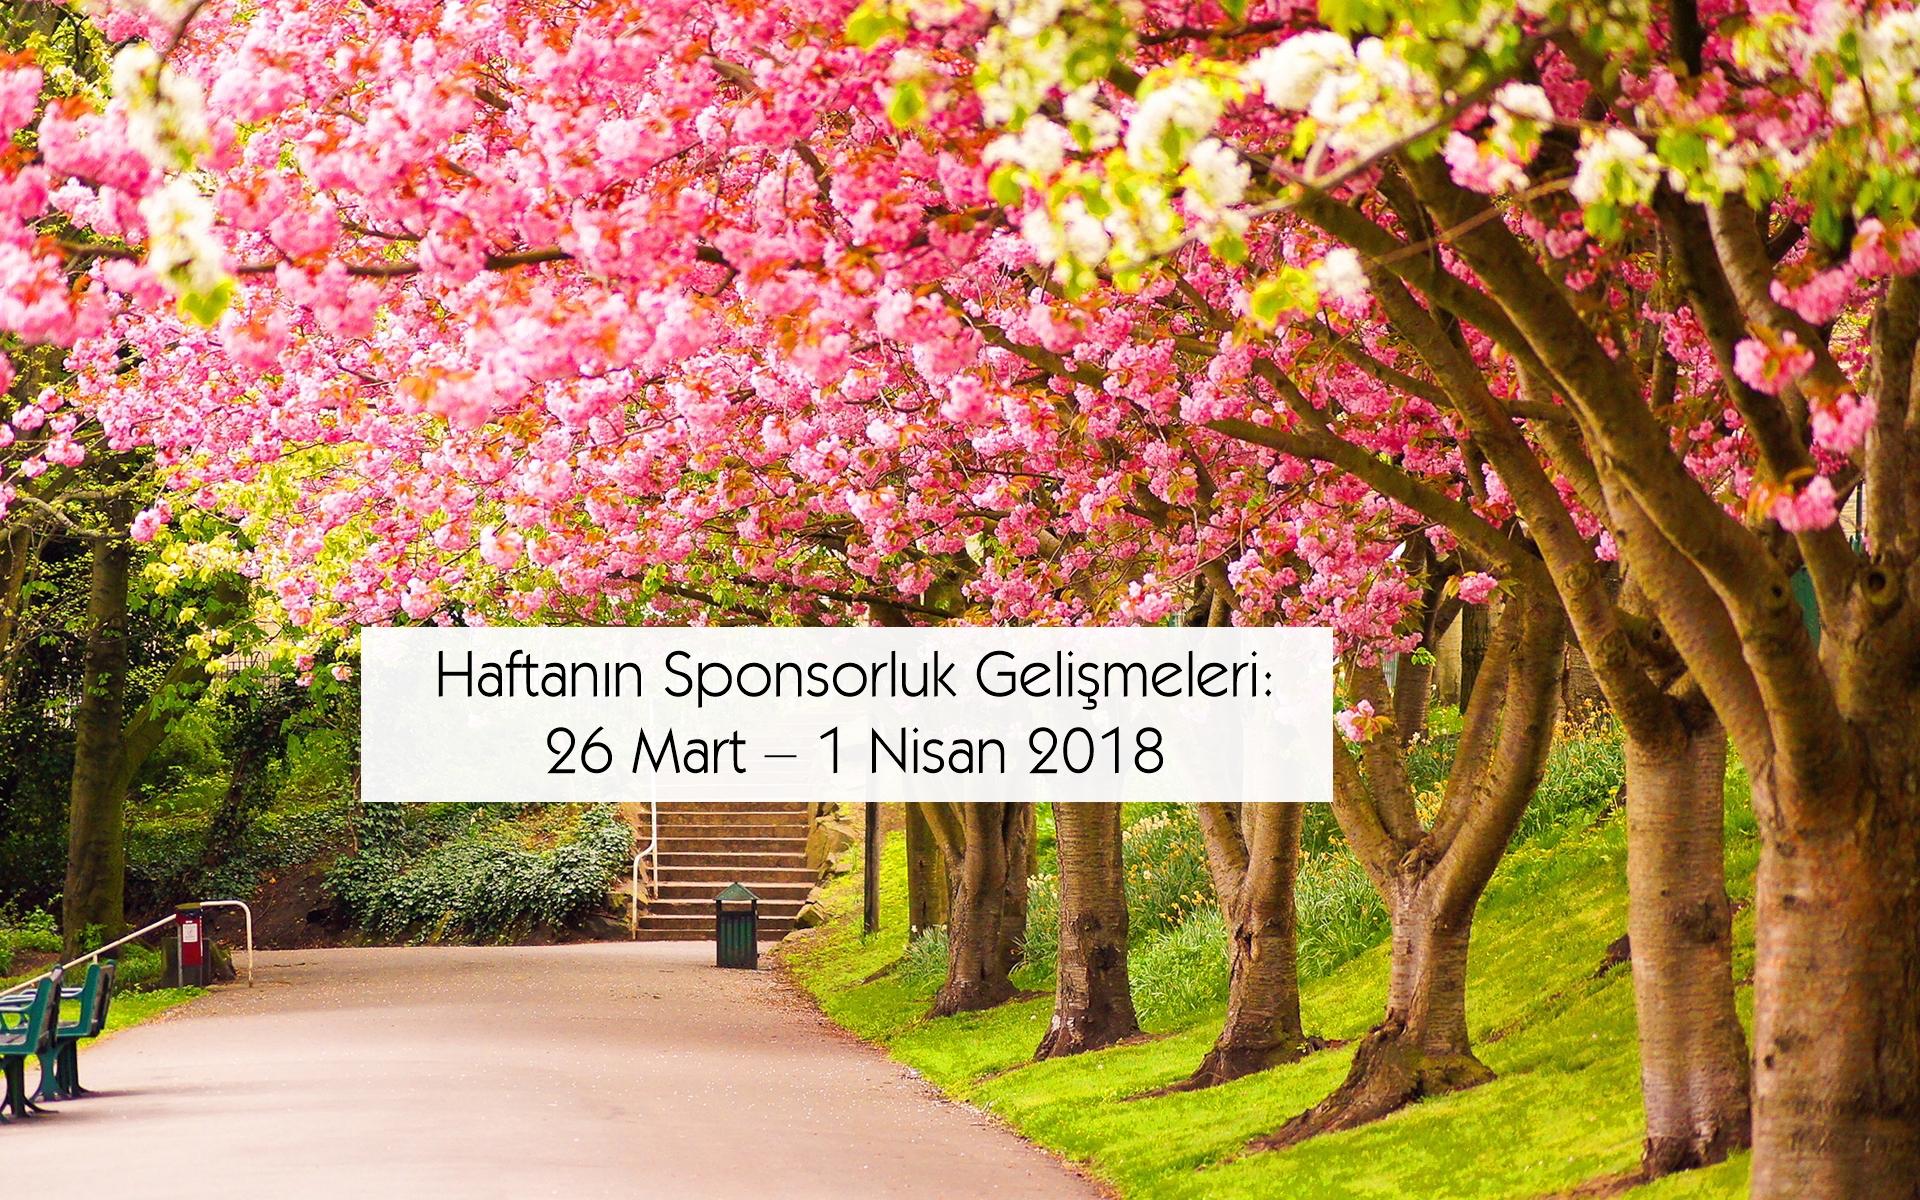 Haftanın Sponsorluk Gelişmeleri: 26 Mart – 1 Nisan 2018